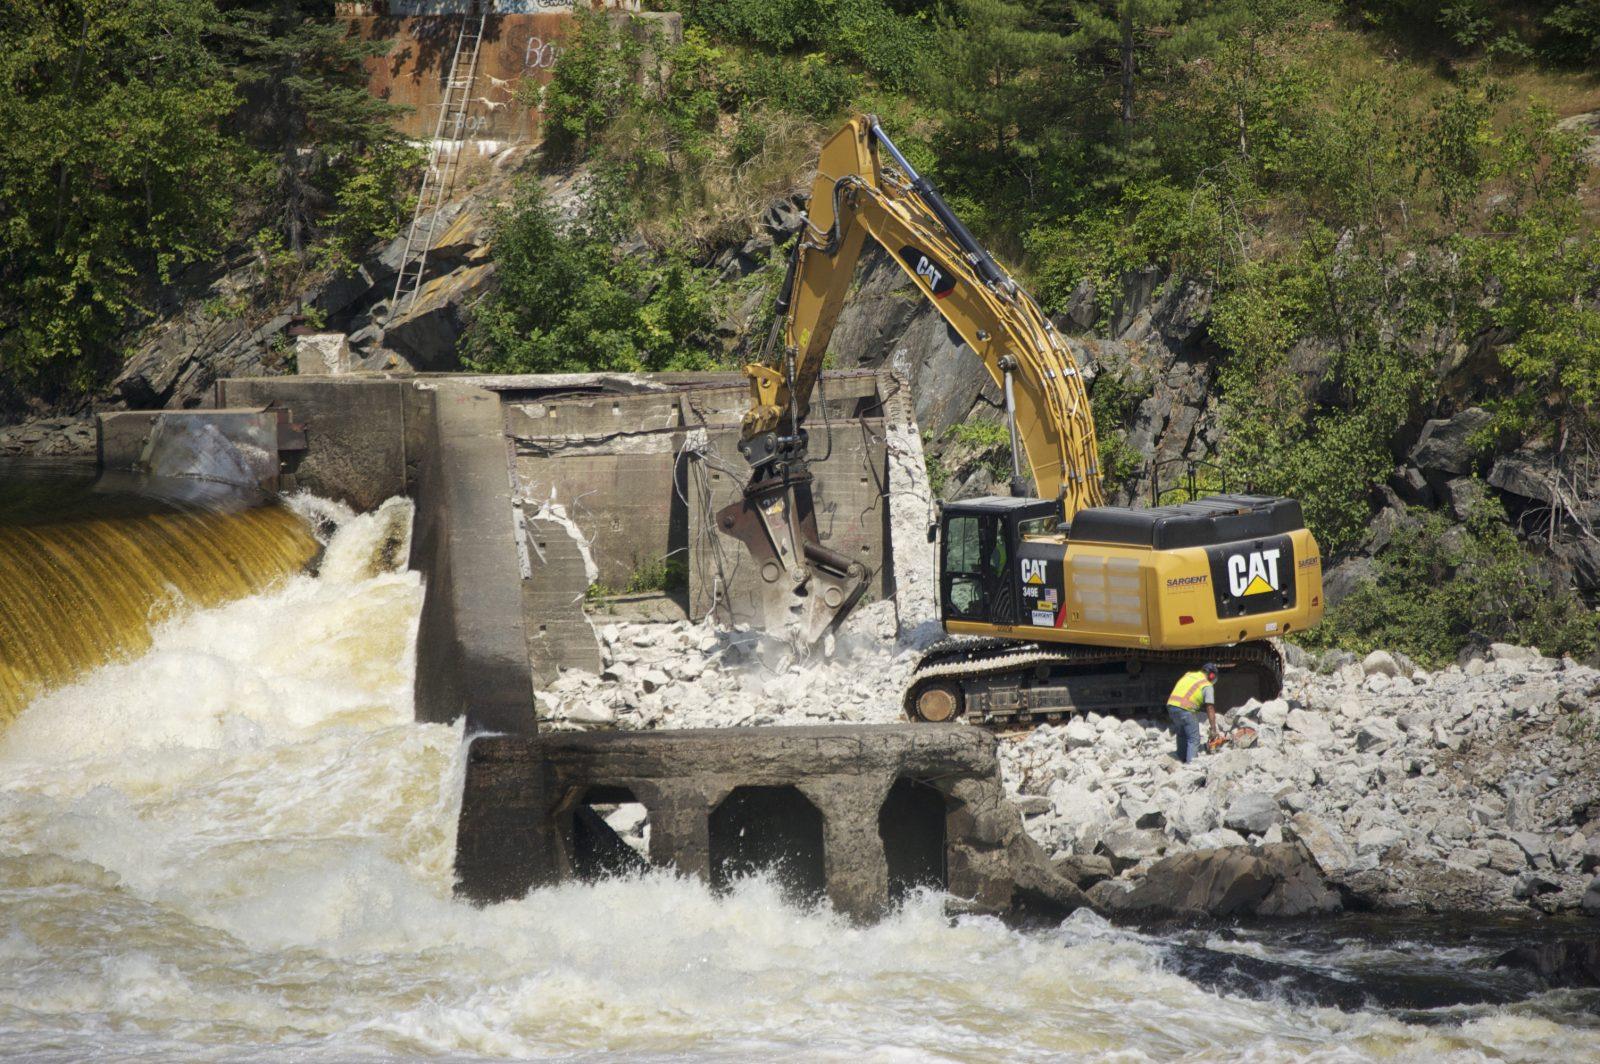 Flickr-Penobscot-River-Restauration-Trust-Een-deel-van-de-Veazie-Dam-in-de-Penobscot-rivier-wordt-afgebroken-2